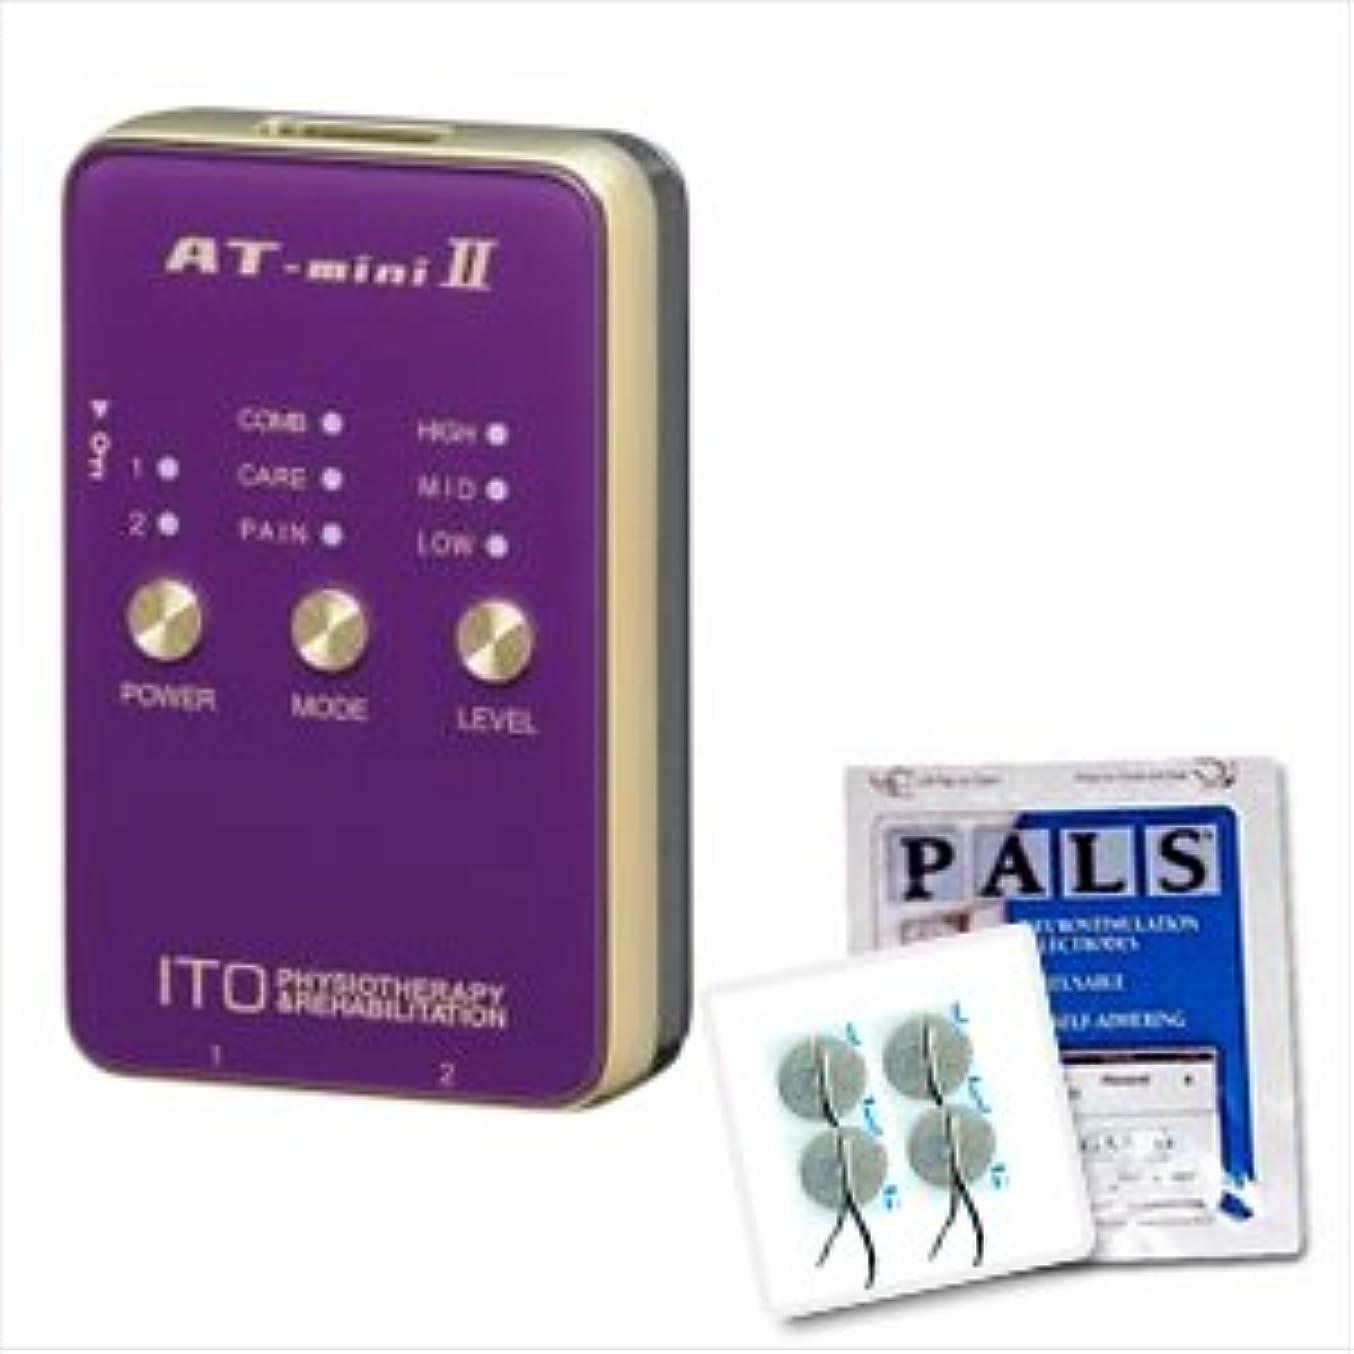 裁判所ヒール眉低周波治療器 AT-mini II パープル +アクセルガードSサイズ(円:直径3cm:1袋4枚入)セット